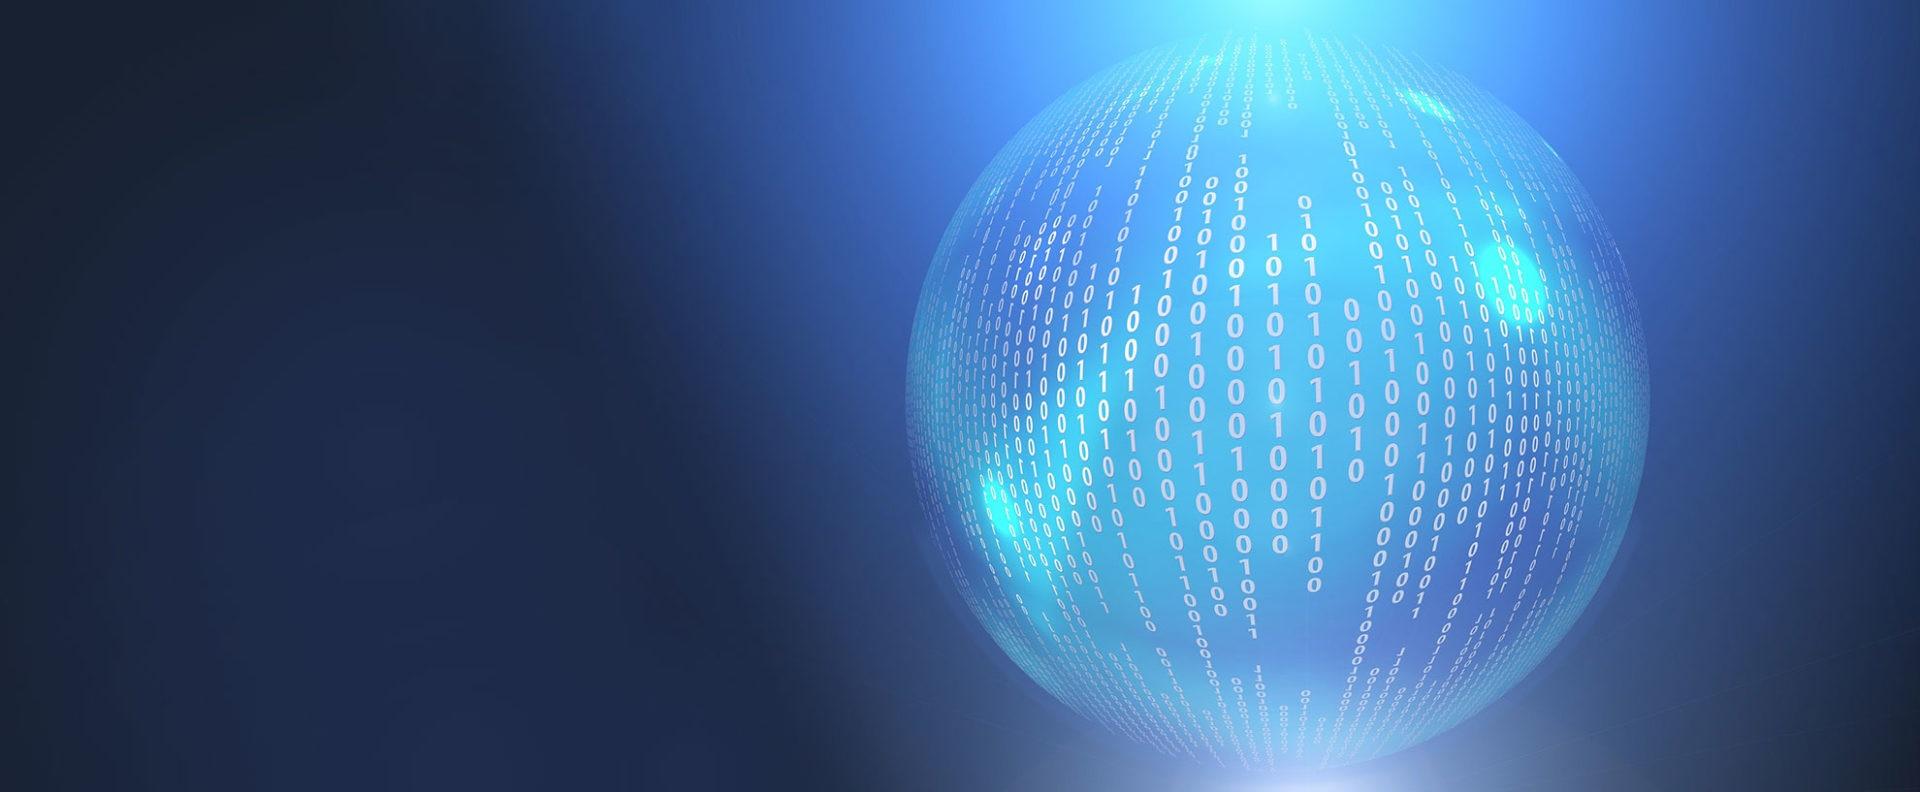 Datos recurso tecnología